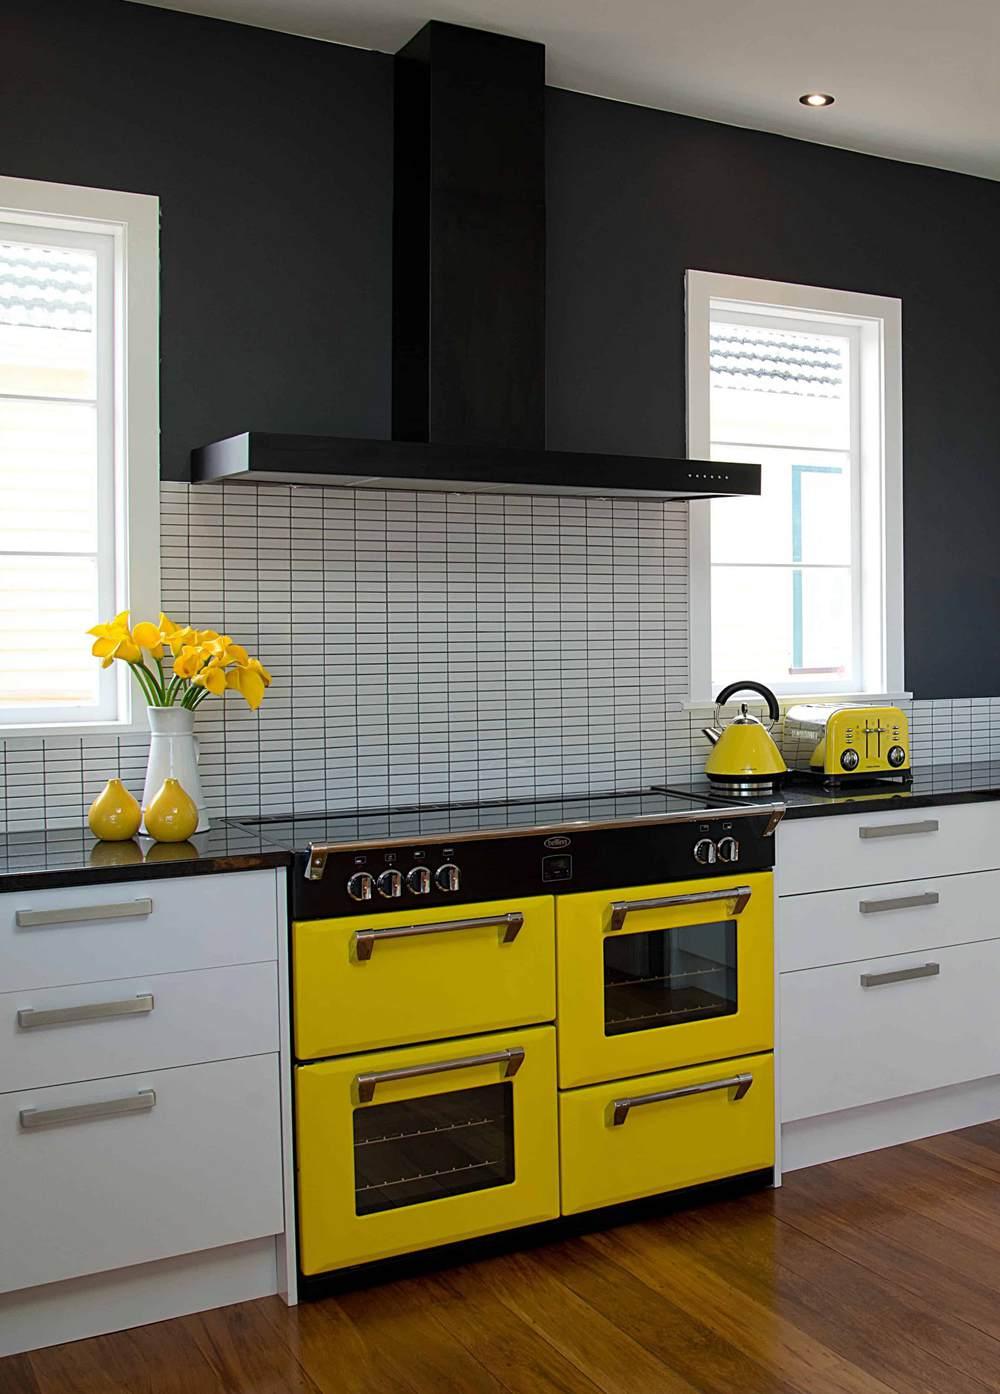 17. Yellow Kitchen Appliances